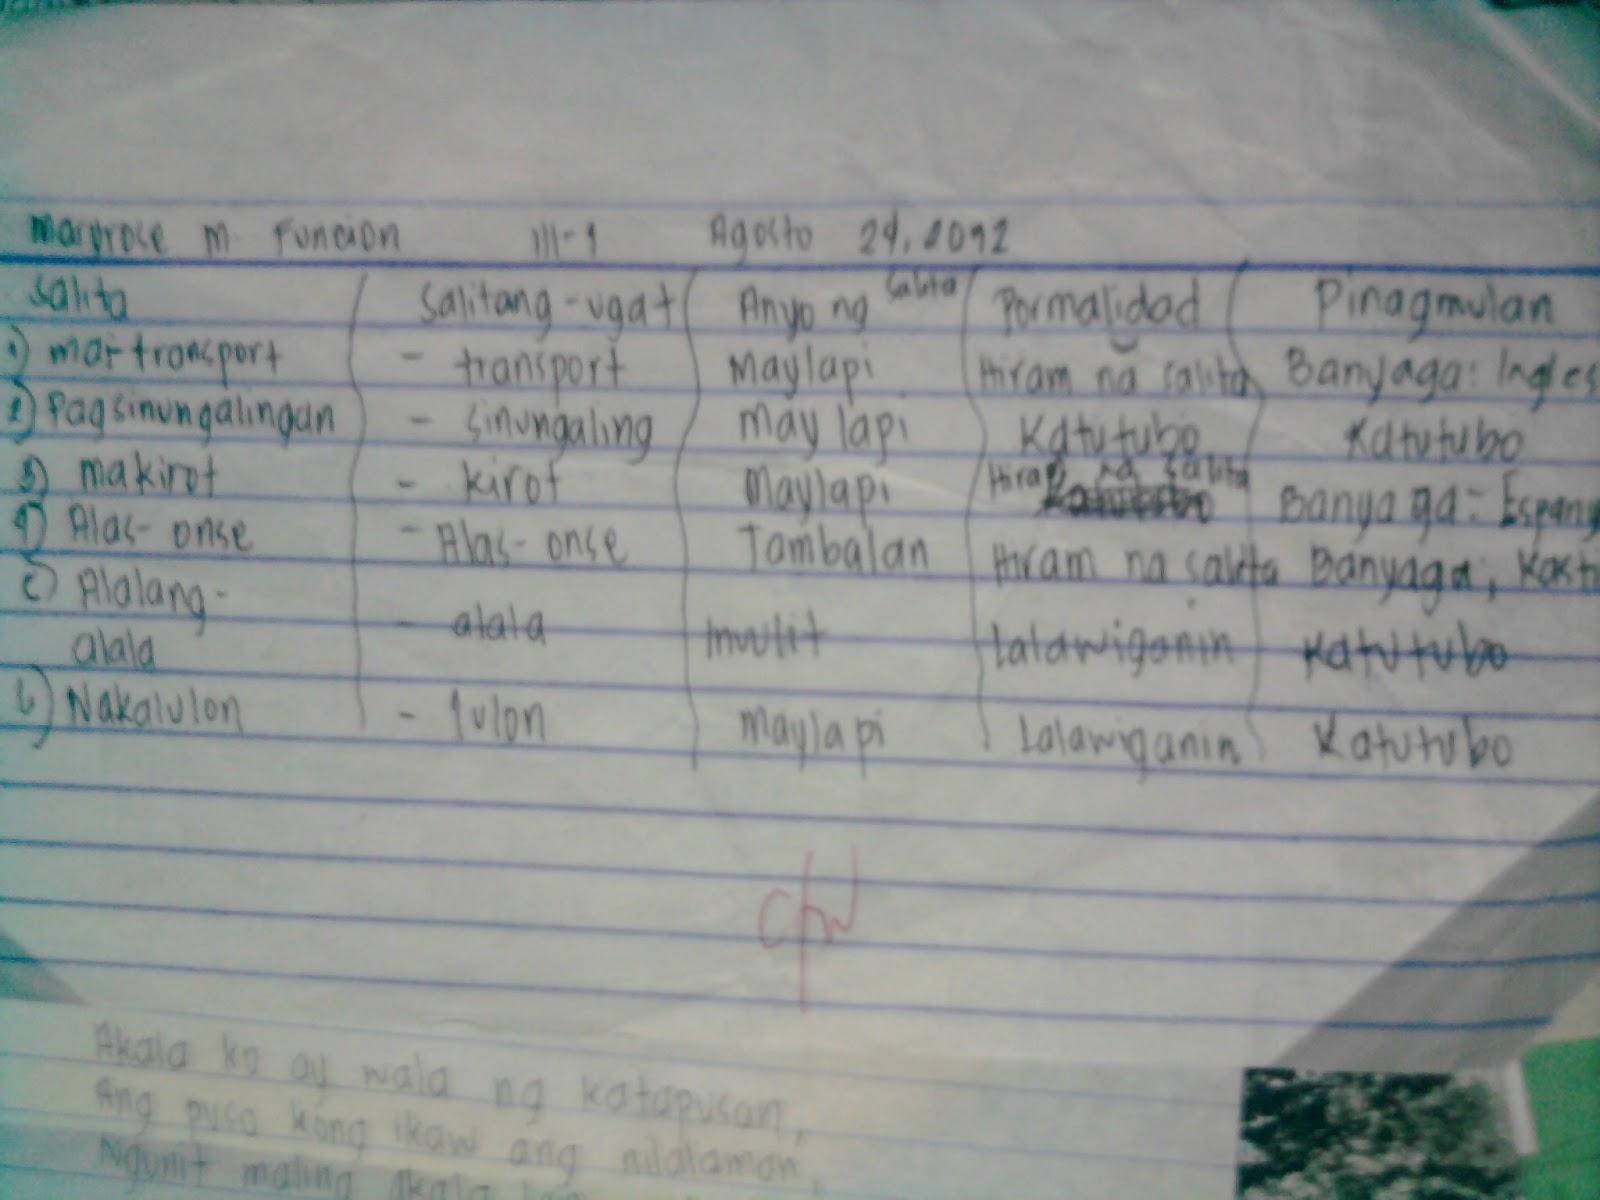 mga malalim na salita sa dekada 70 Marami tayong mga salita at kataga para sa kahirapan  hanggang $70 buwan-buwan at sa halip na tumira sa  magkaugat nang malalim sa mga.